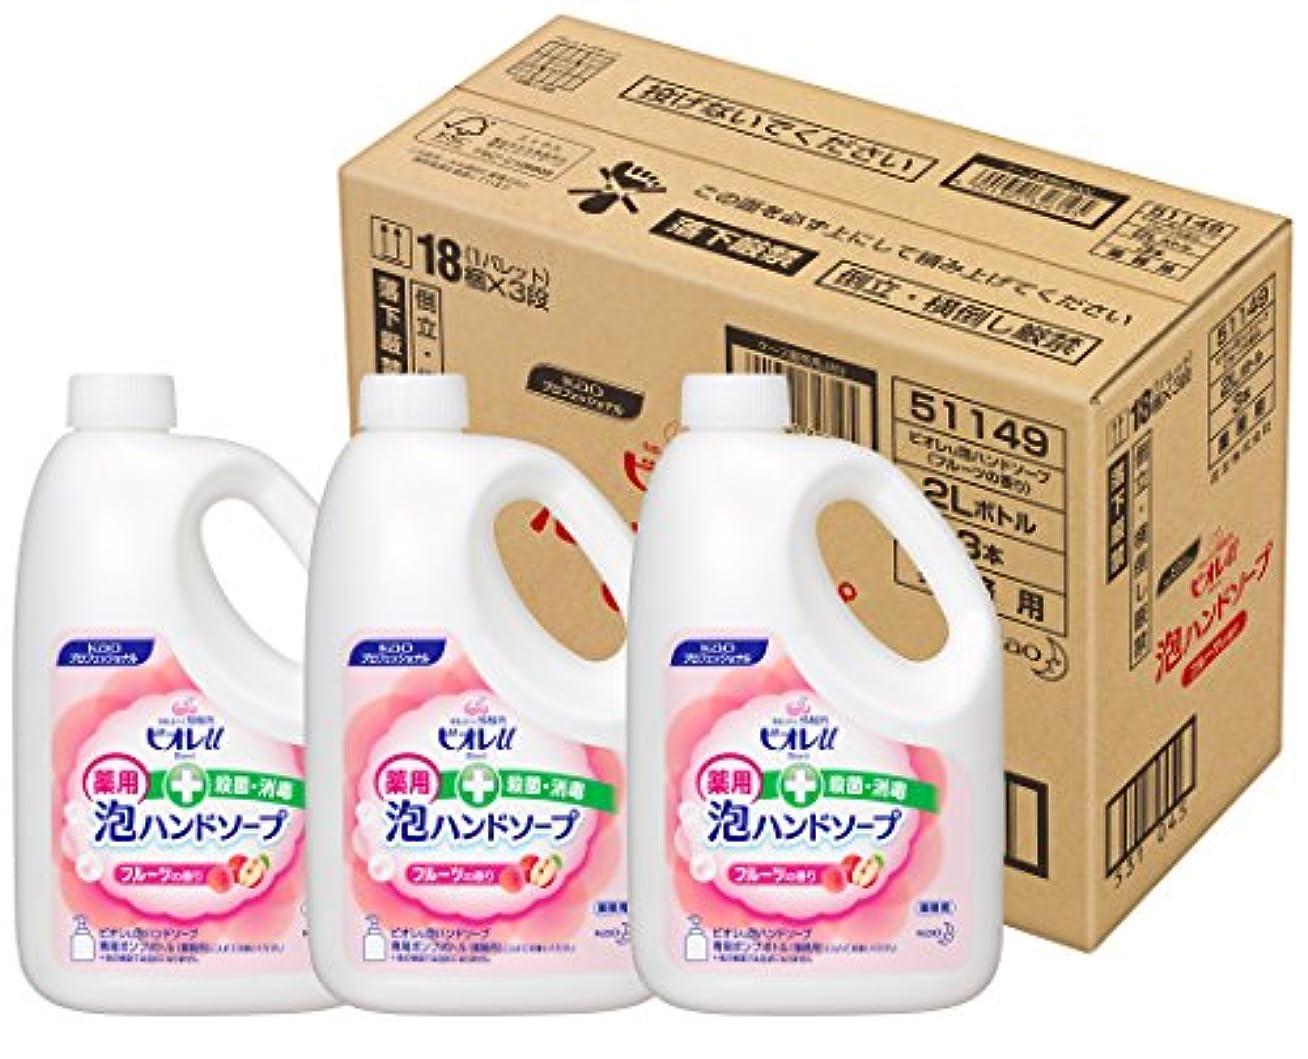 不承認言い換えると起こる【ケース販売 業務用 泡ハンドソープ】ビオレu 泡ハンドソープ フルーツの香り 2L×3(プロフェッショナルシリーズ)